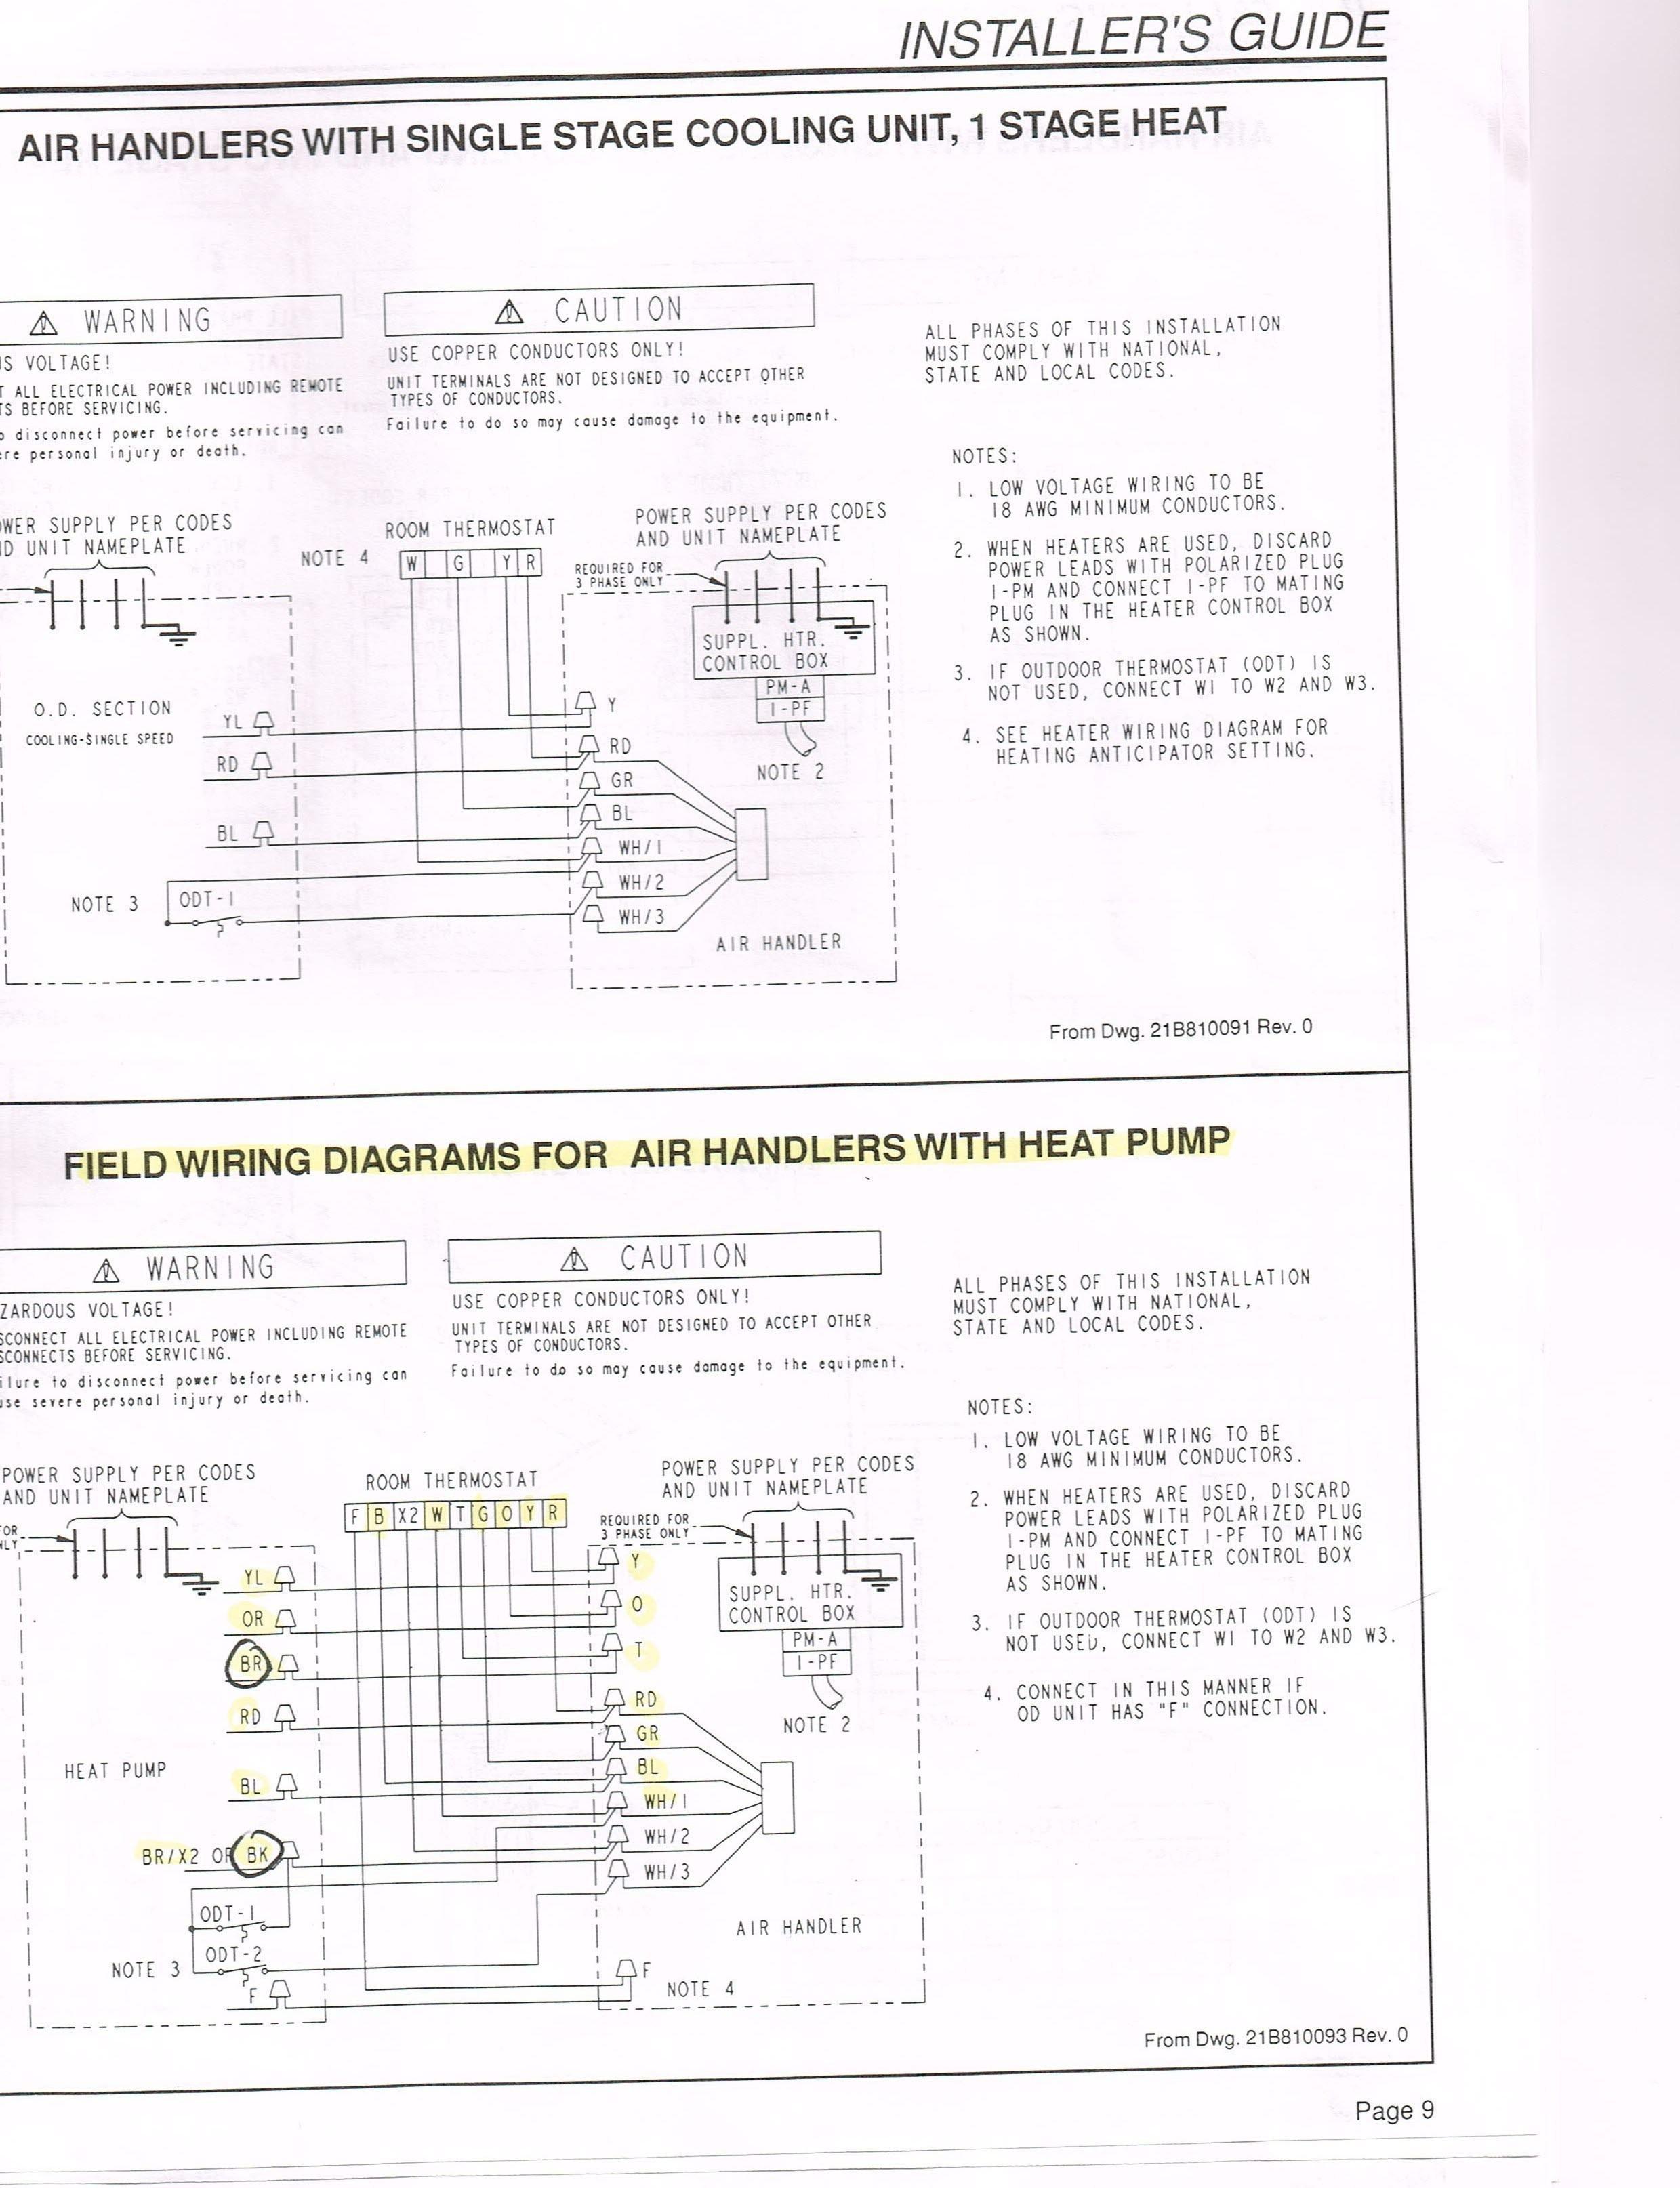 Electric Furnace Wiring Diagram Wiring Diagram for An Electric Furnace Best Heat Relay Wiring Of Electric Furnace Wiring Diagram